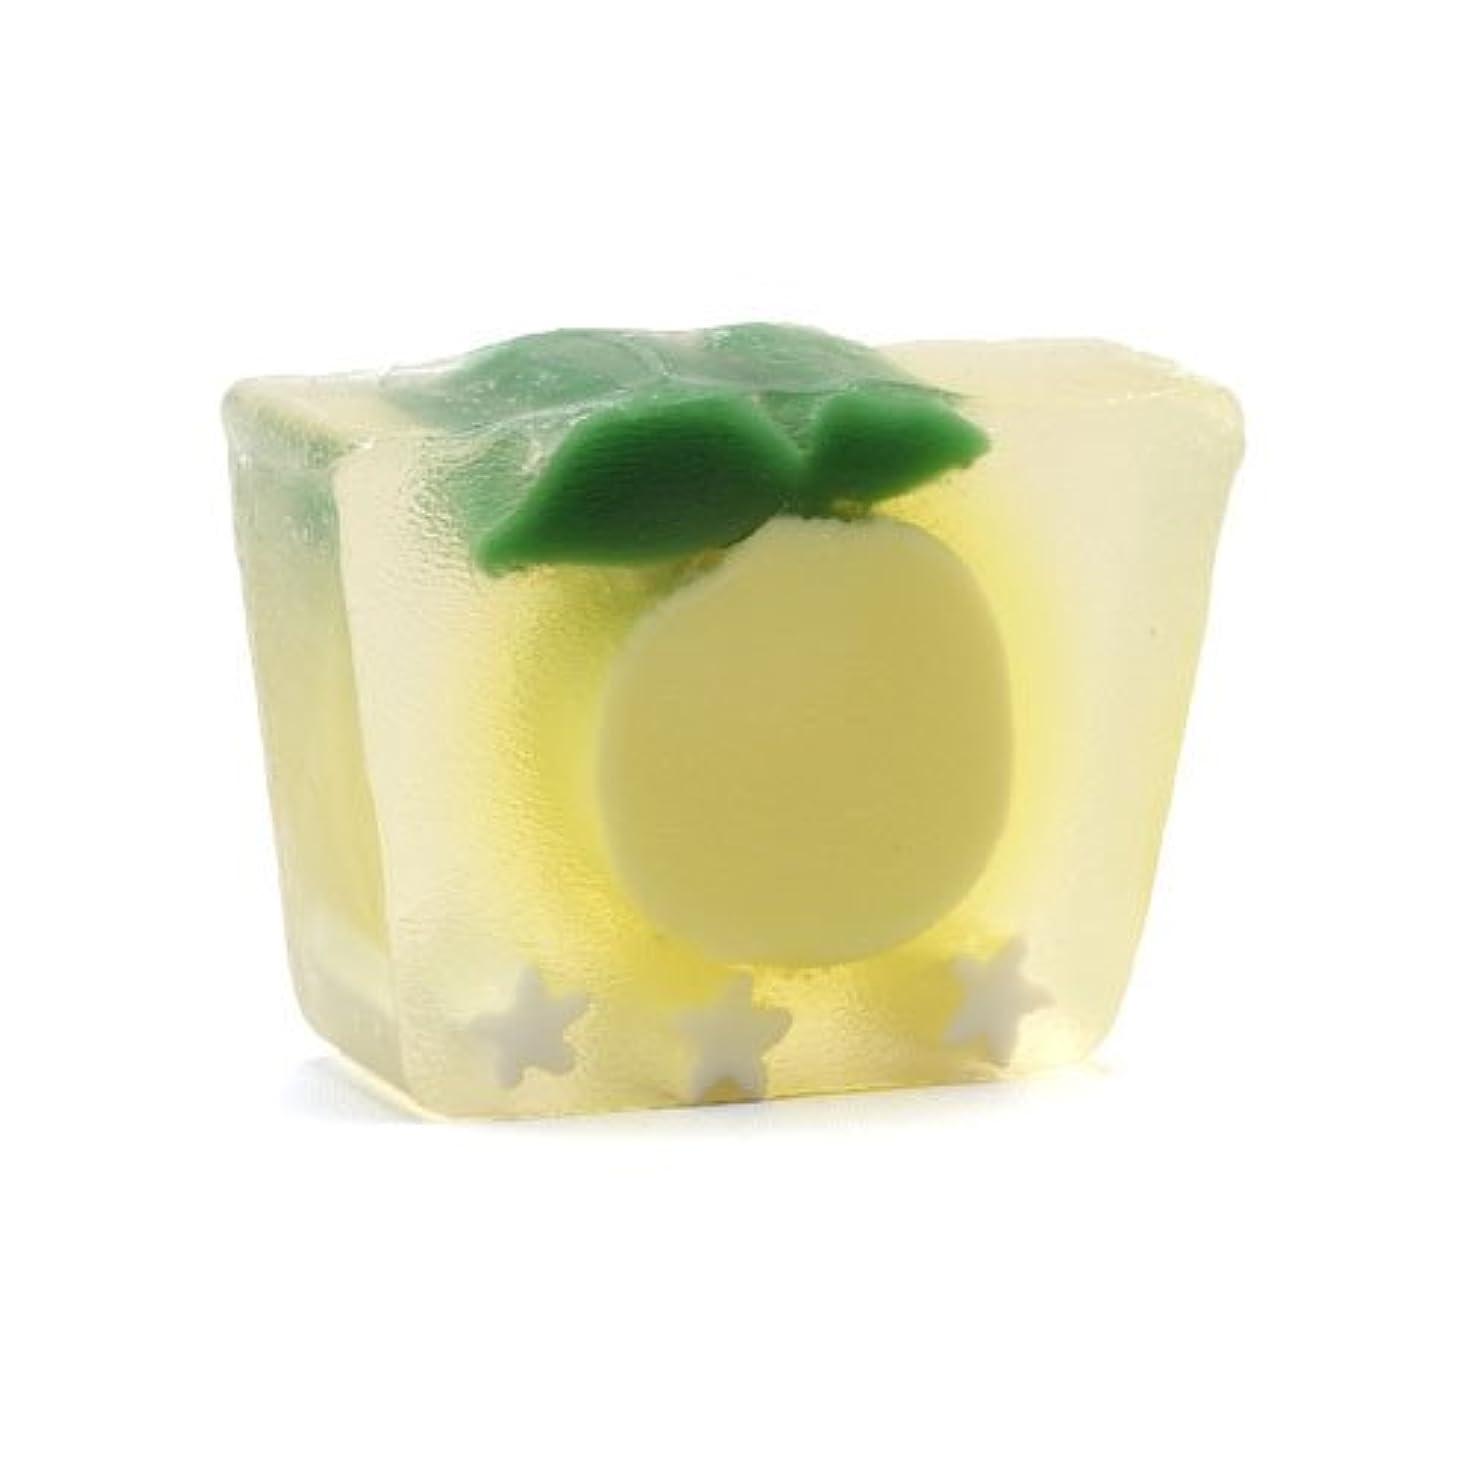 おもちゃアーネストシャクルトンアミューズプライモールエレメンツ アロマティック ミニソープ カリフォルニアレモン 80g 植物性 ナチュラル 石鹸 無添加